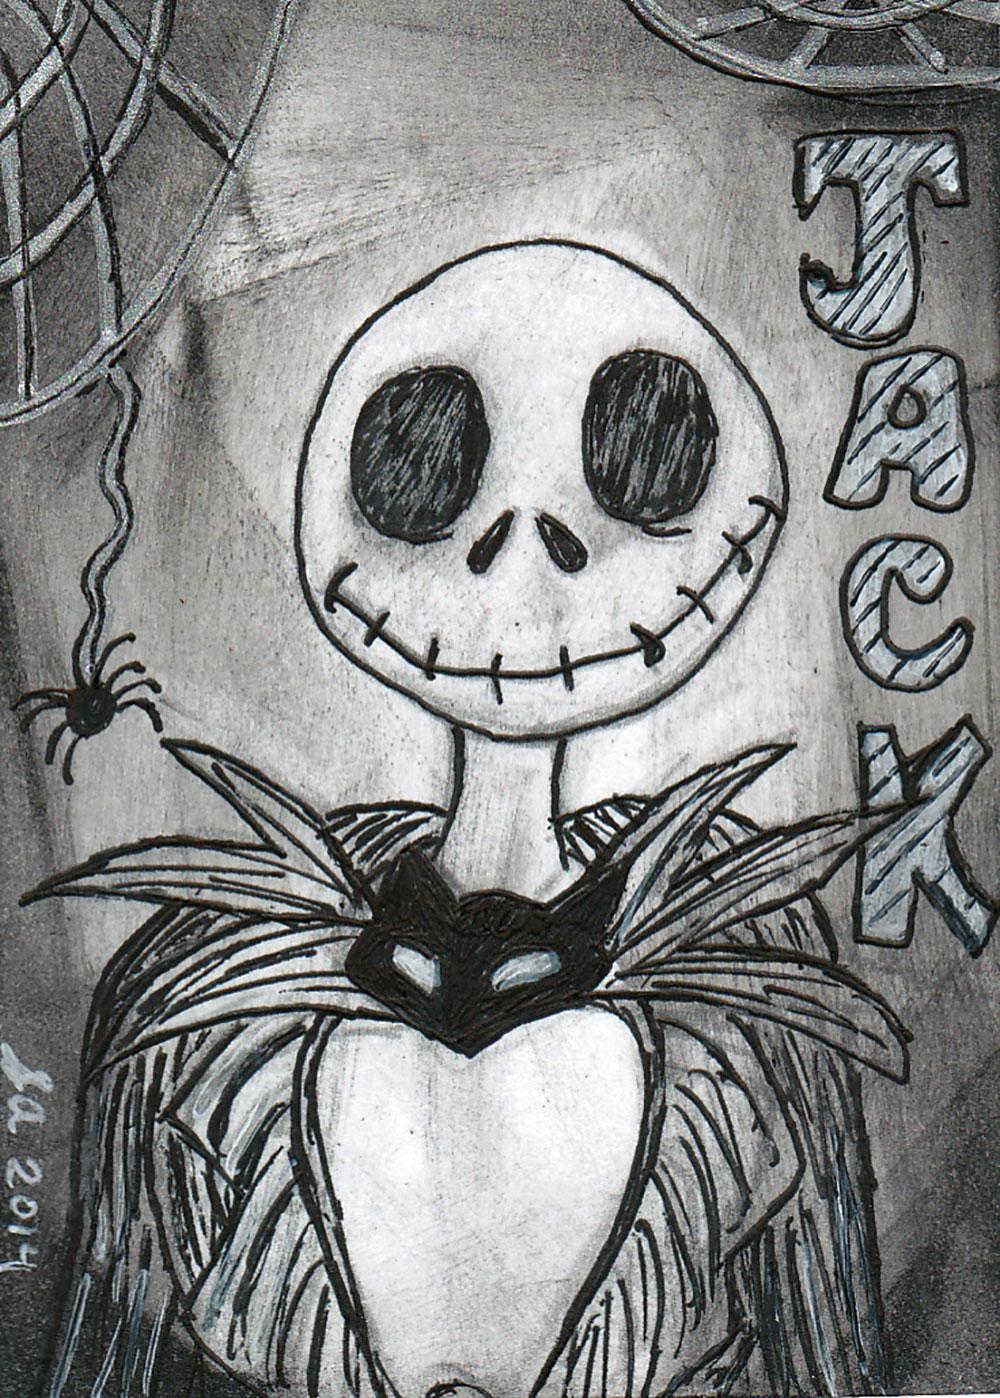 NBC-Jack-Skellington